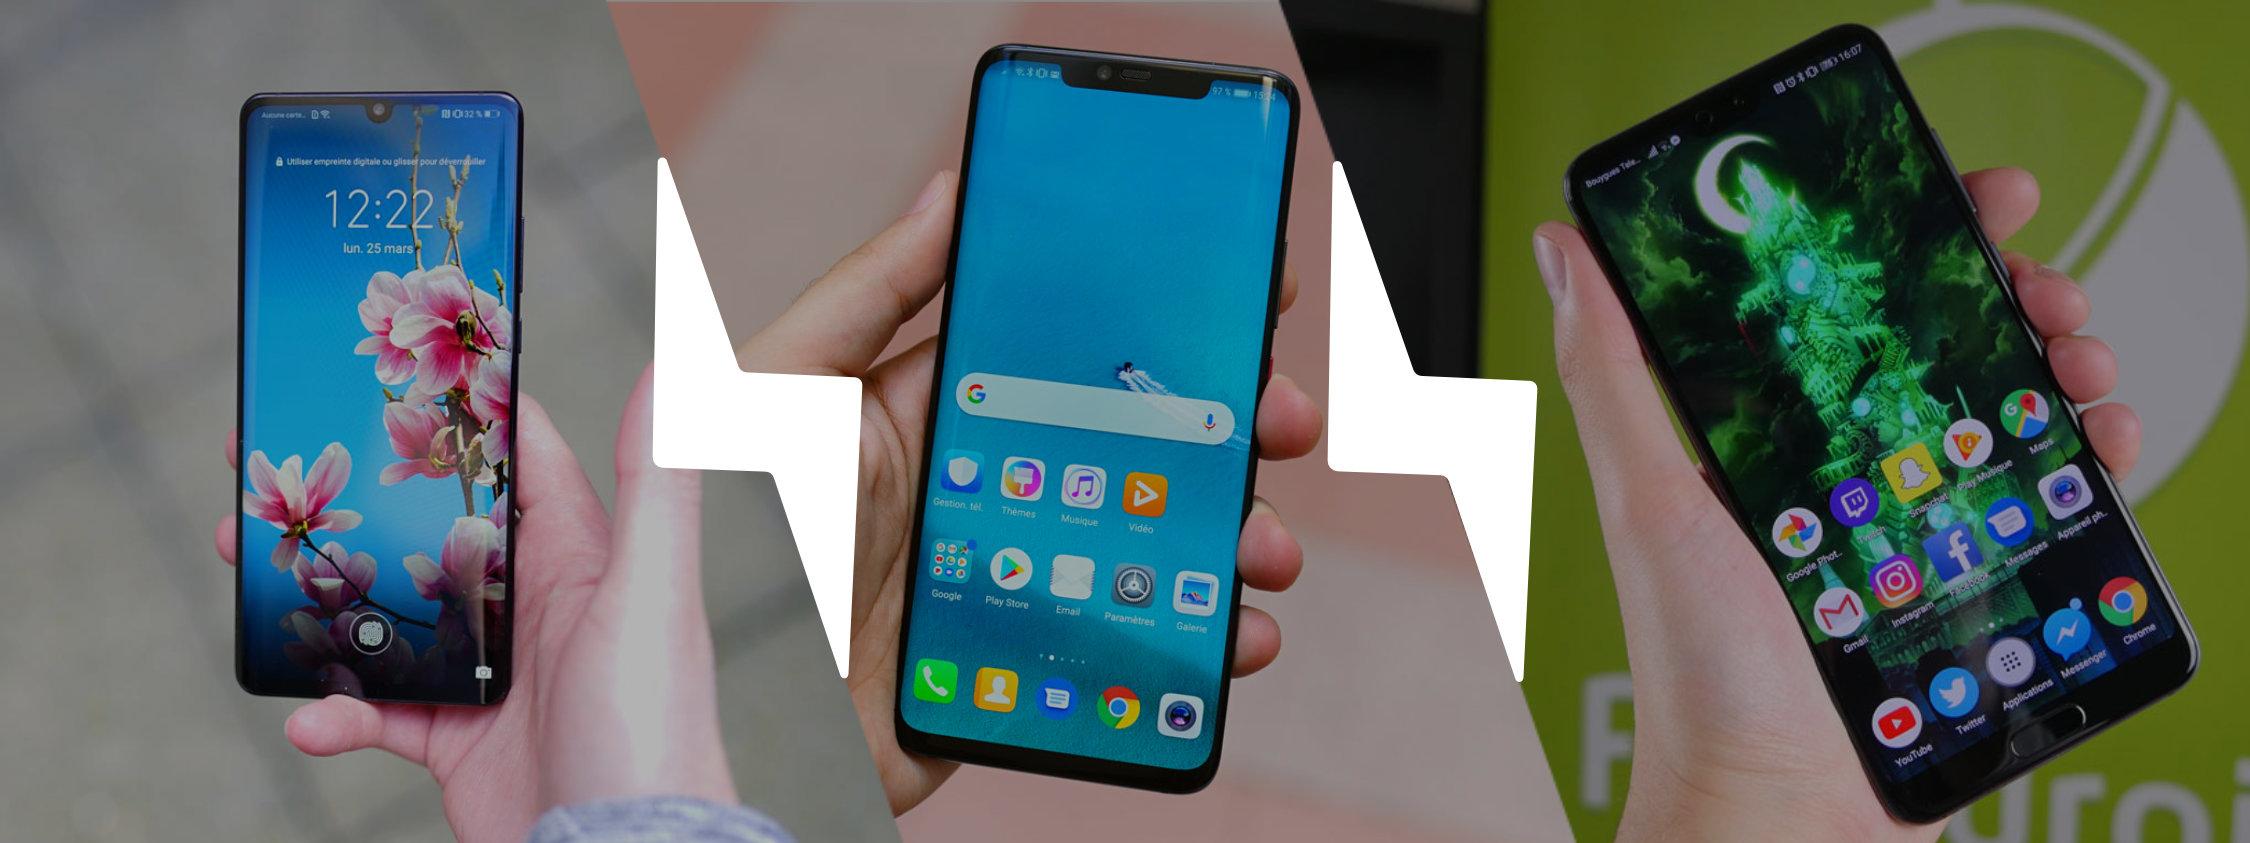 Huawei P30 Pro vs P20 Pro vs Mate 20 Pro : une évolution trop en douceur